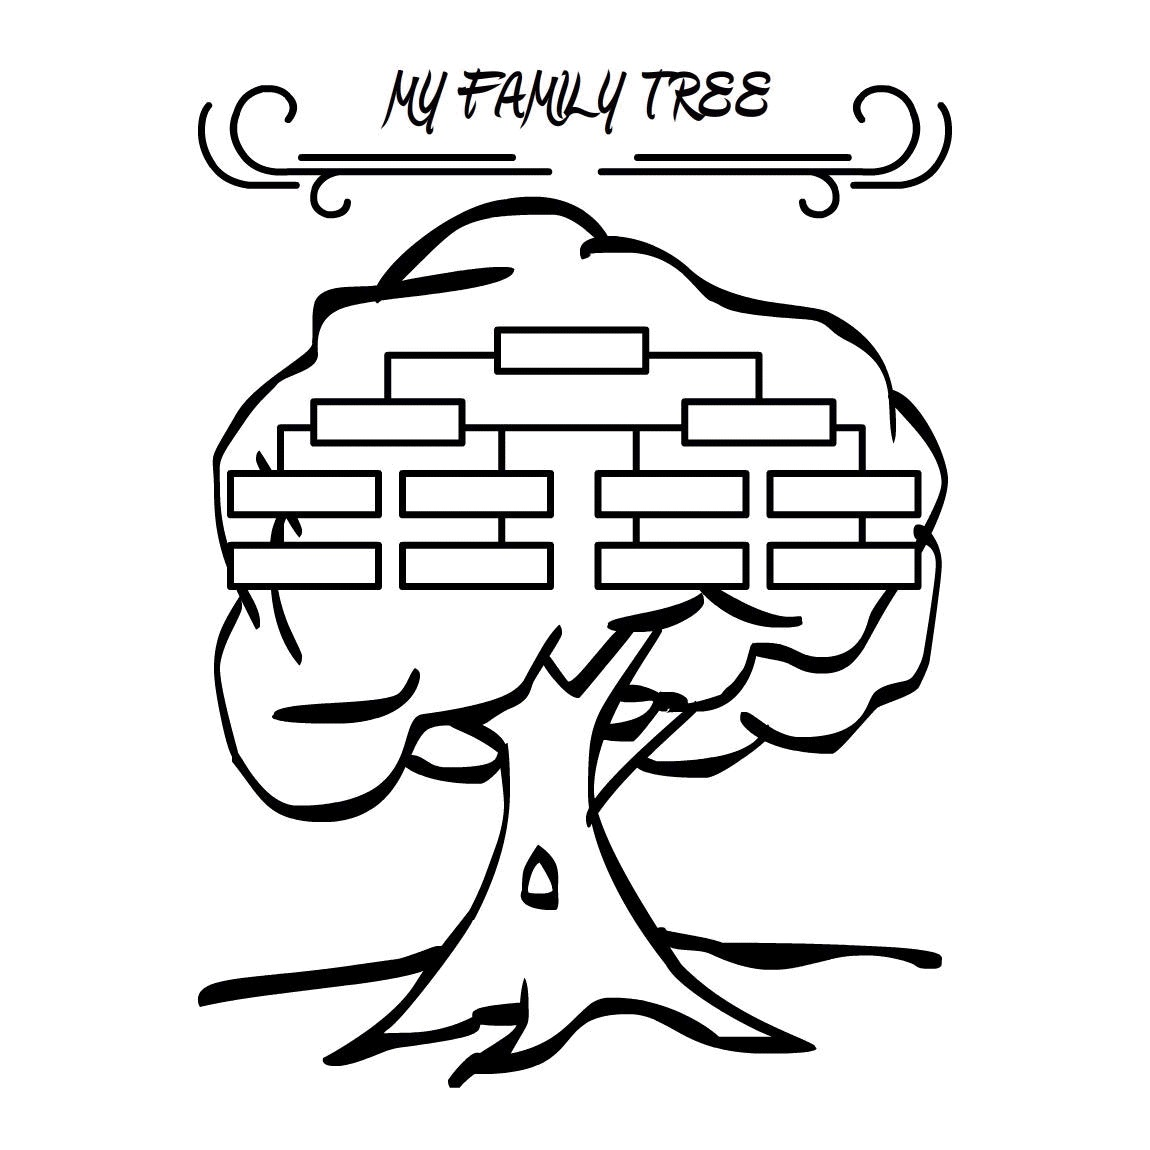 Beginner's Genealogy Class - Part 2